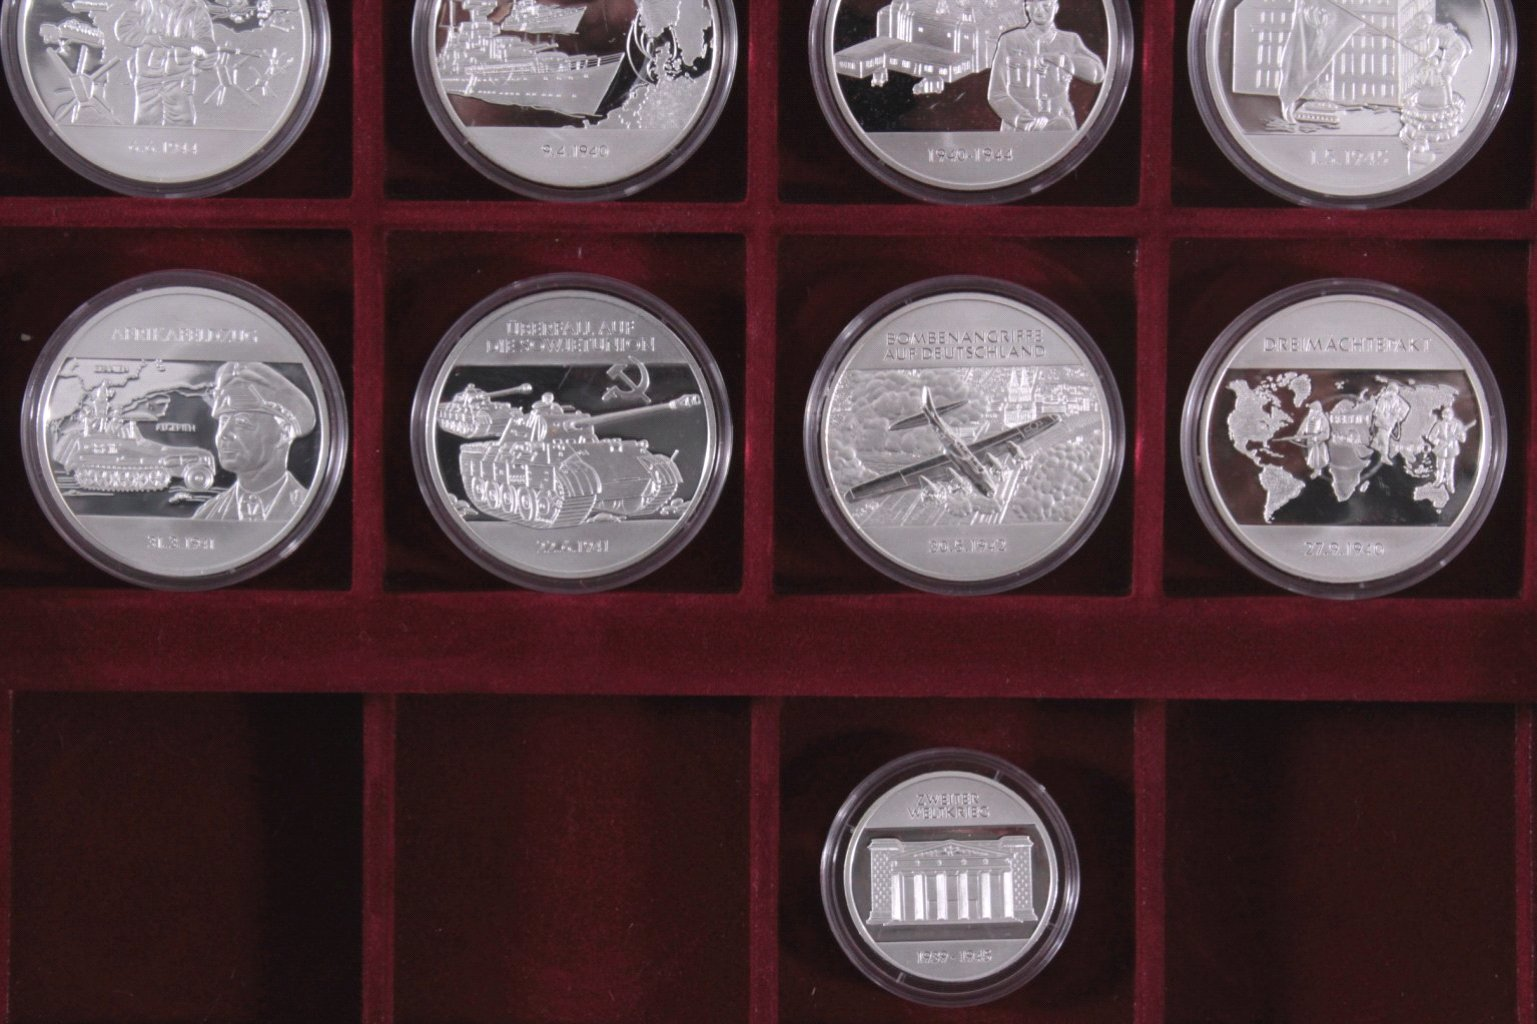 Sondergedenkprägungen zweiter Weltkrieg, Silber-2